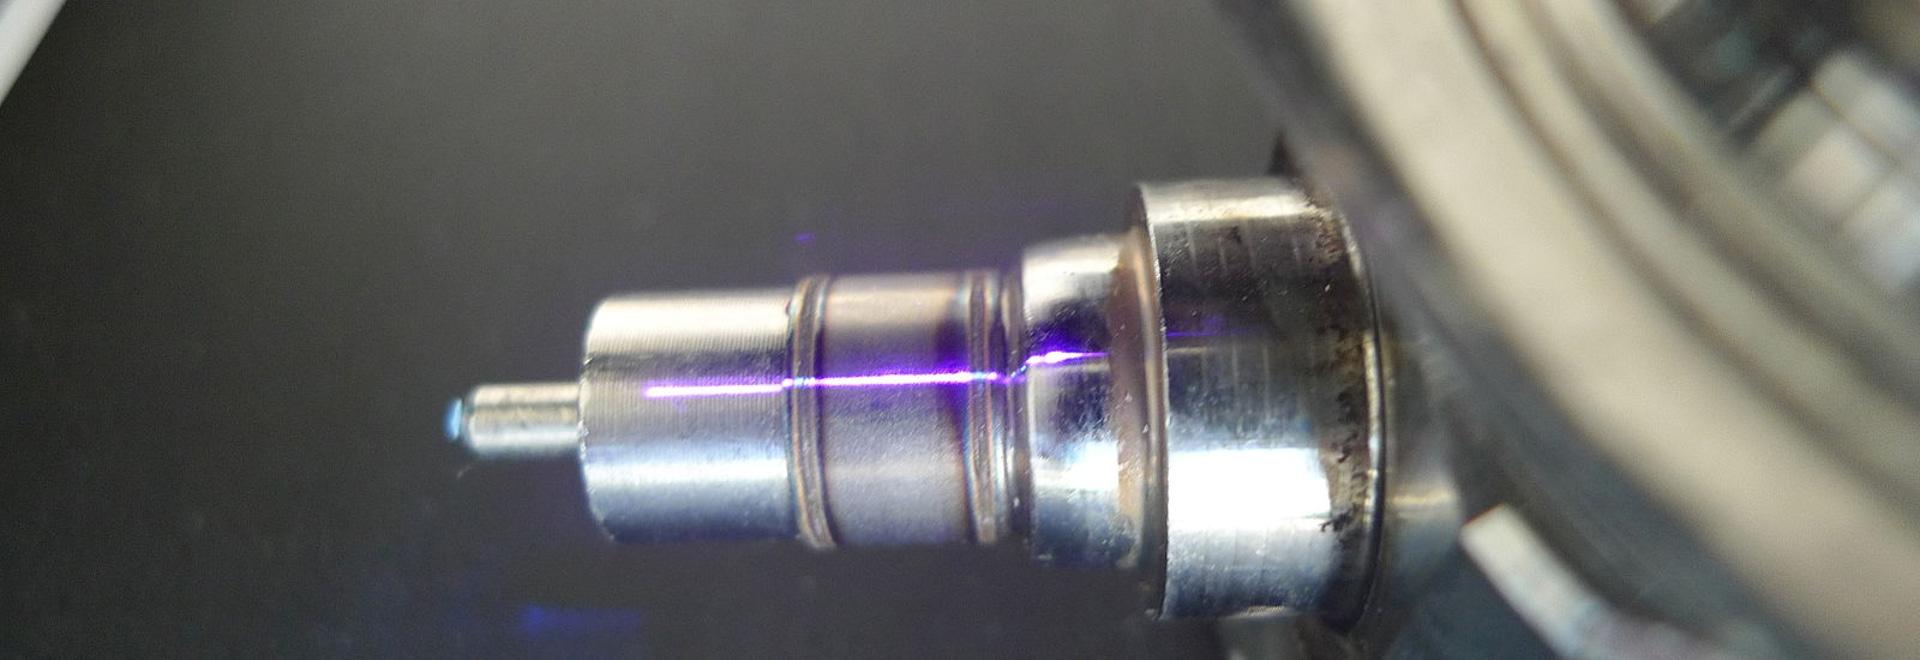 Couture de soudure de laser sur le corps de valve de pompe à essence